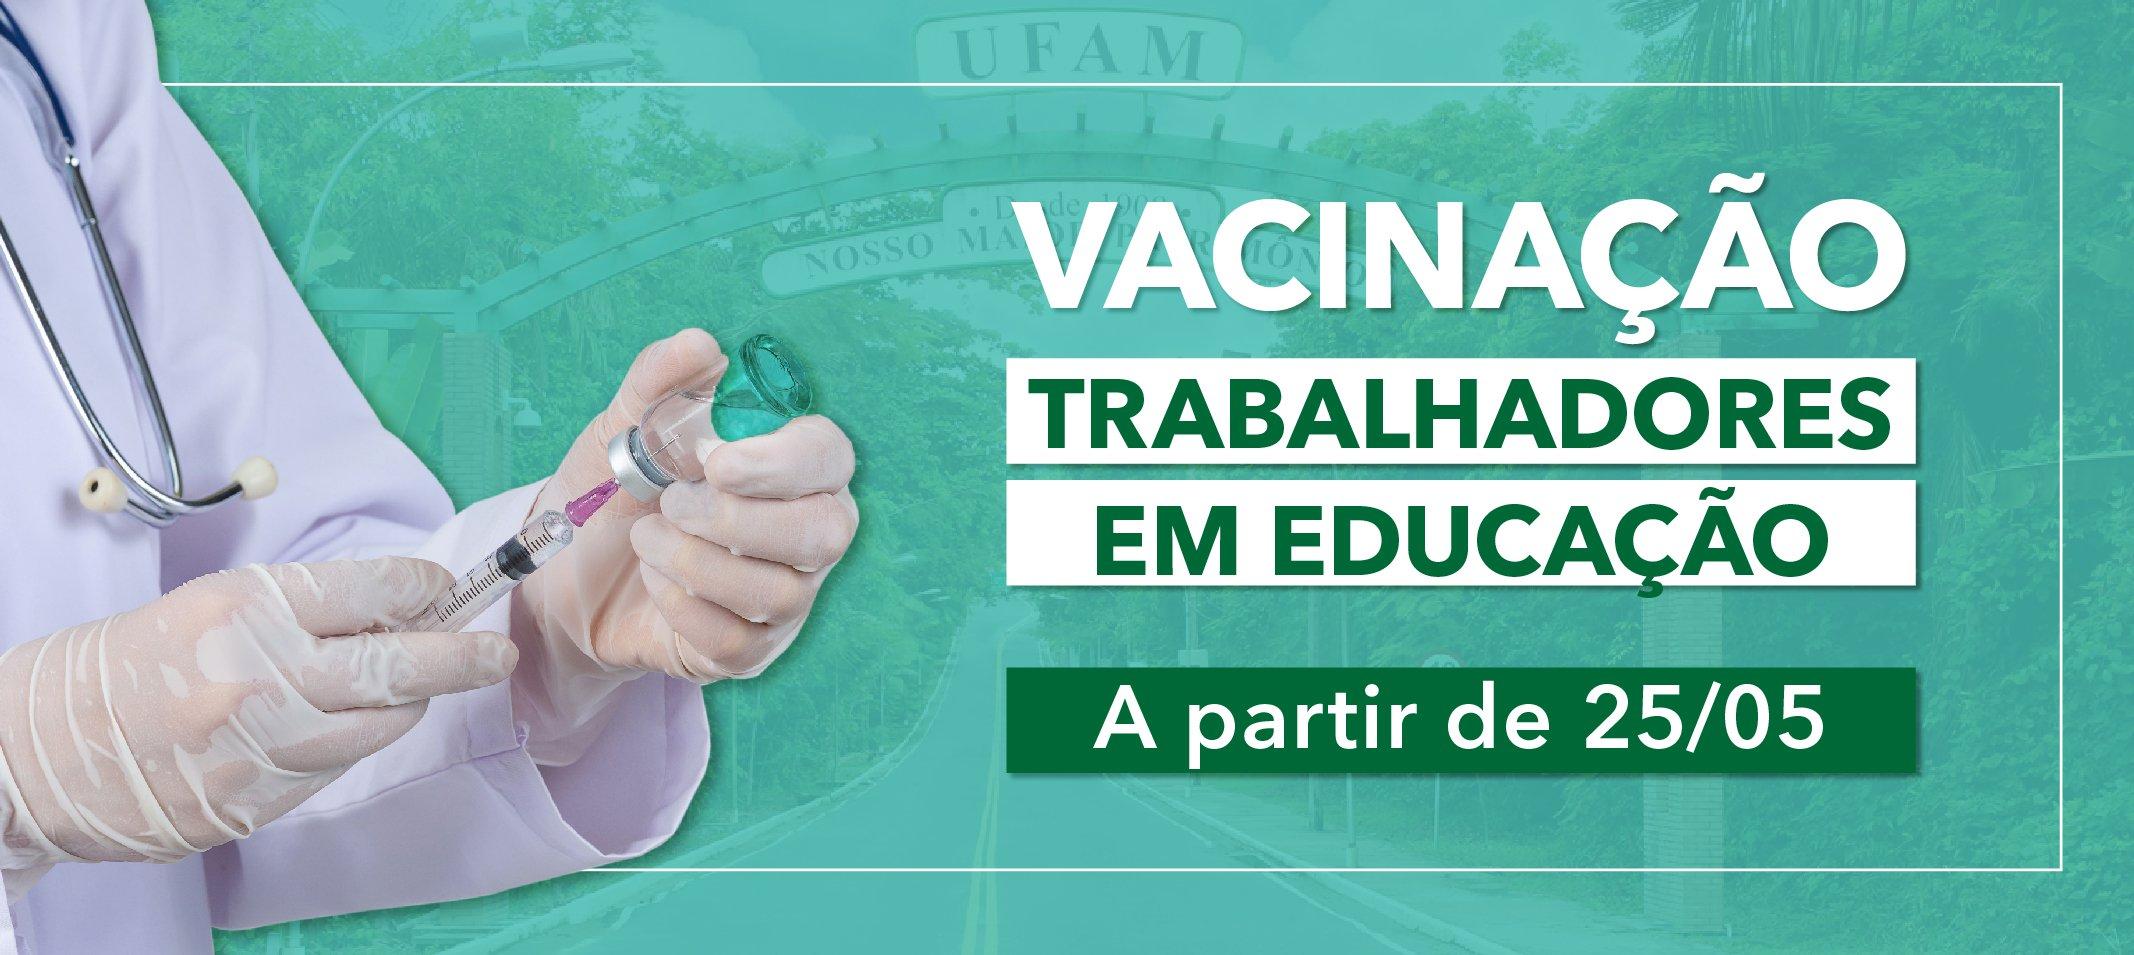 Vacinação - Trabalhadores em Educação